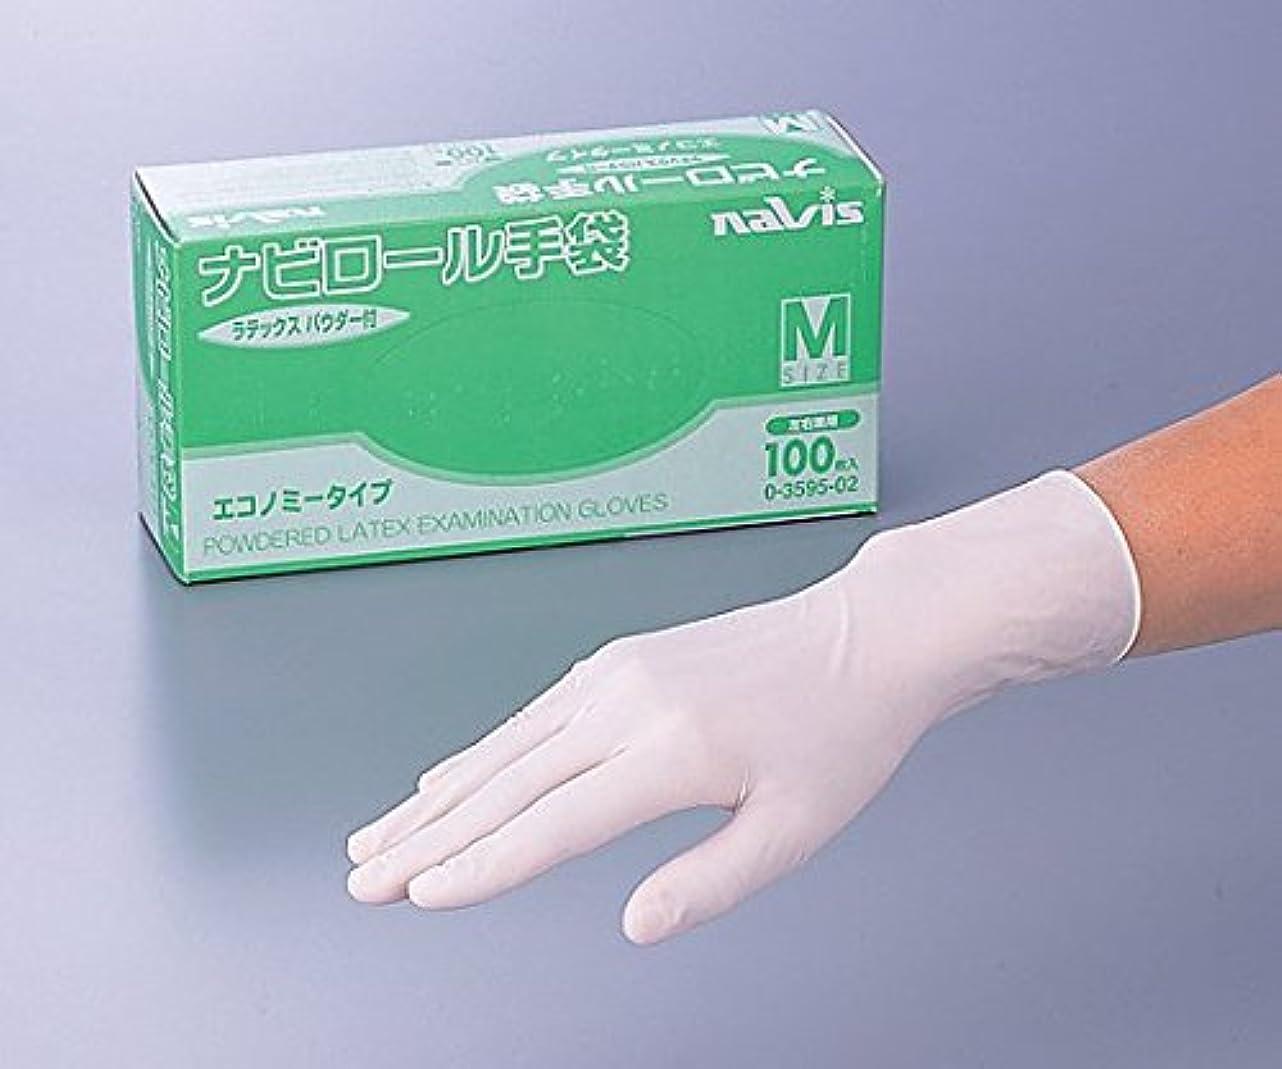 飢饉滝一時解雇するアズワン0-3595-02ナビロール手袋(エコノミータイプ?パウダー付)M100枚入